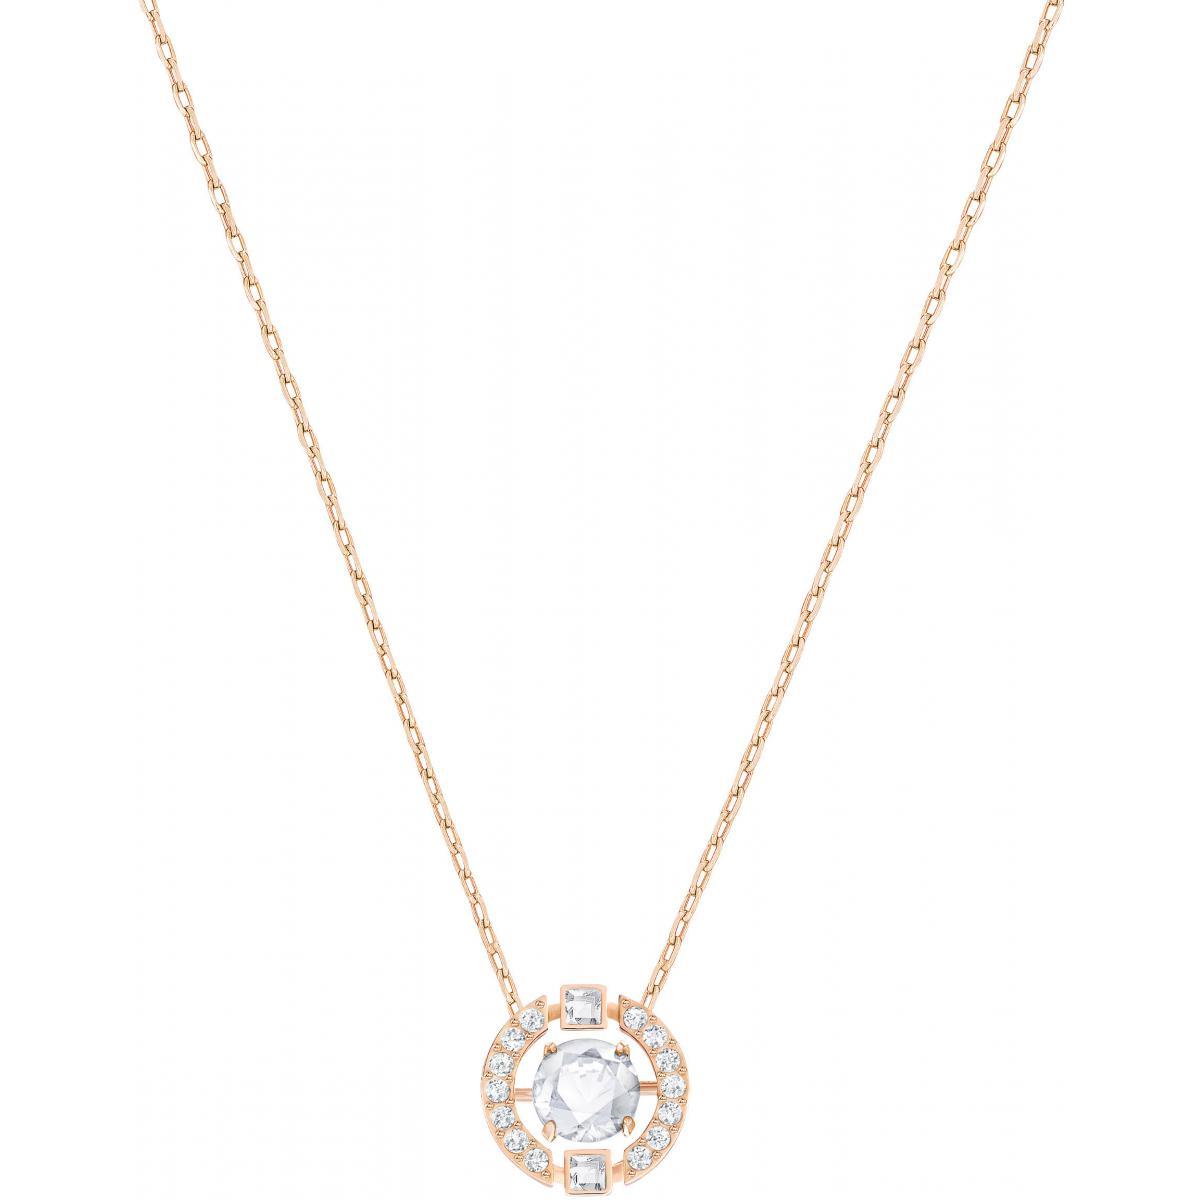 Collier et pendentif Swarovski 5272364 - Collier et pendentif Cristal Or  Rose Femme